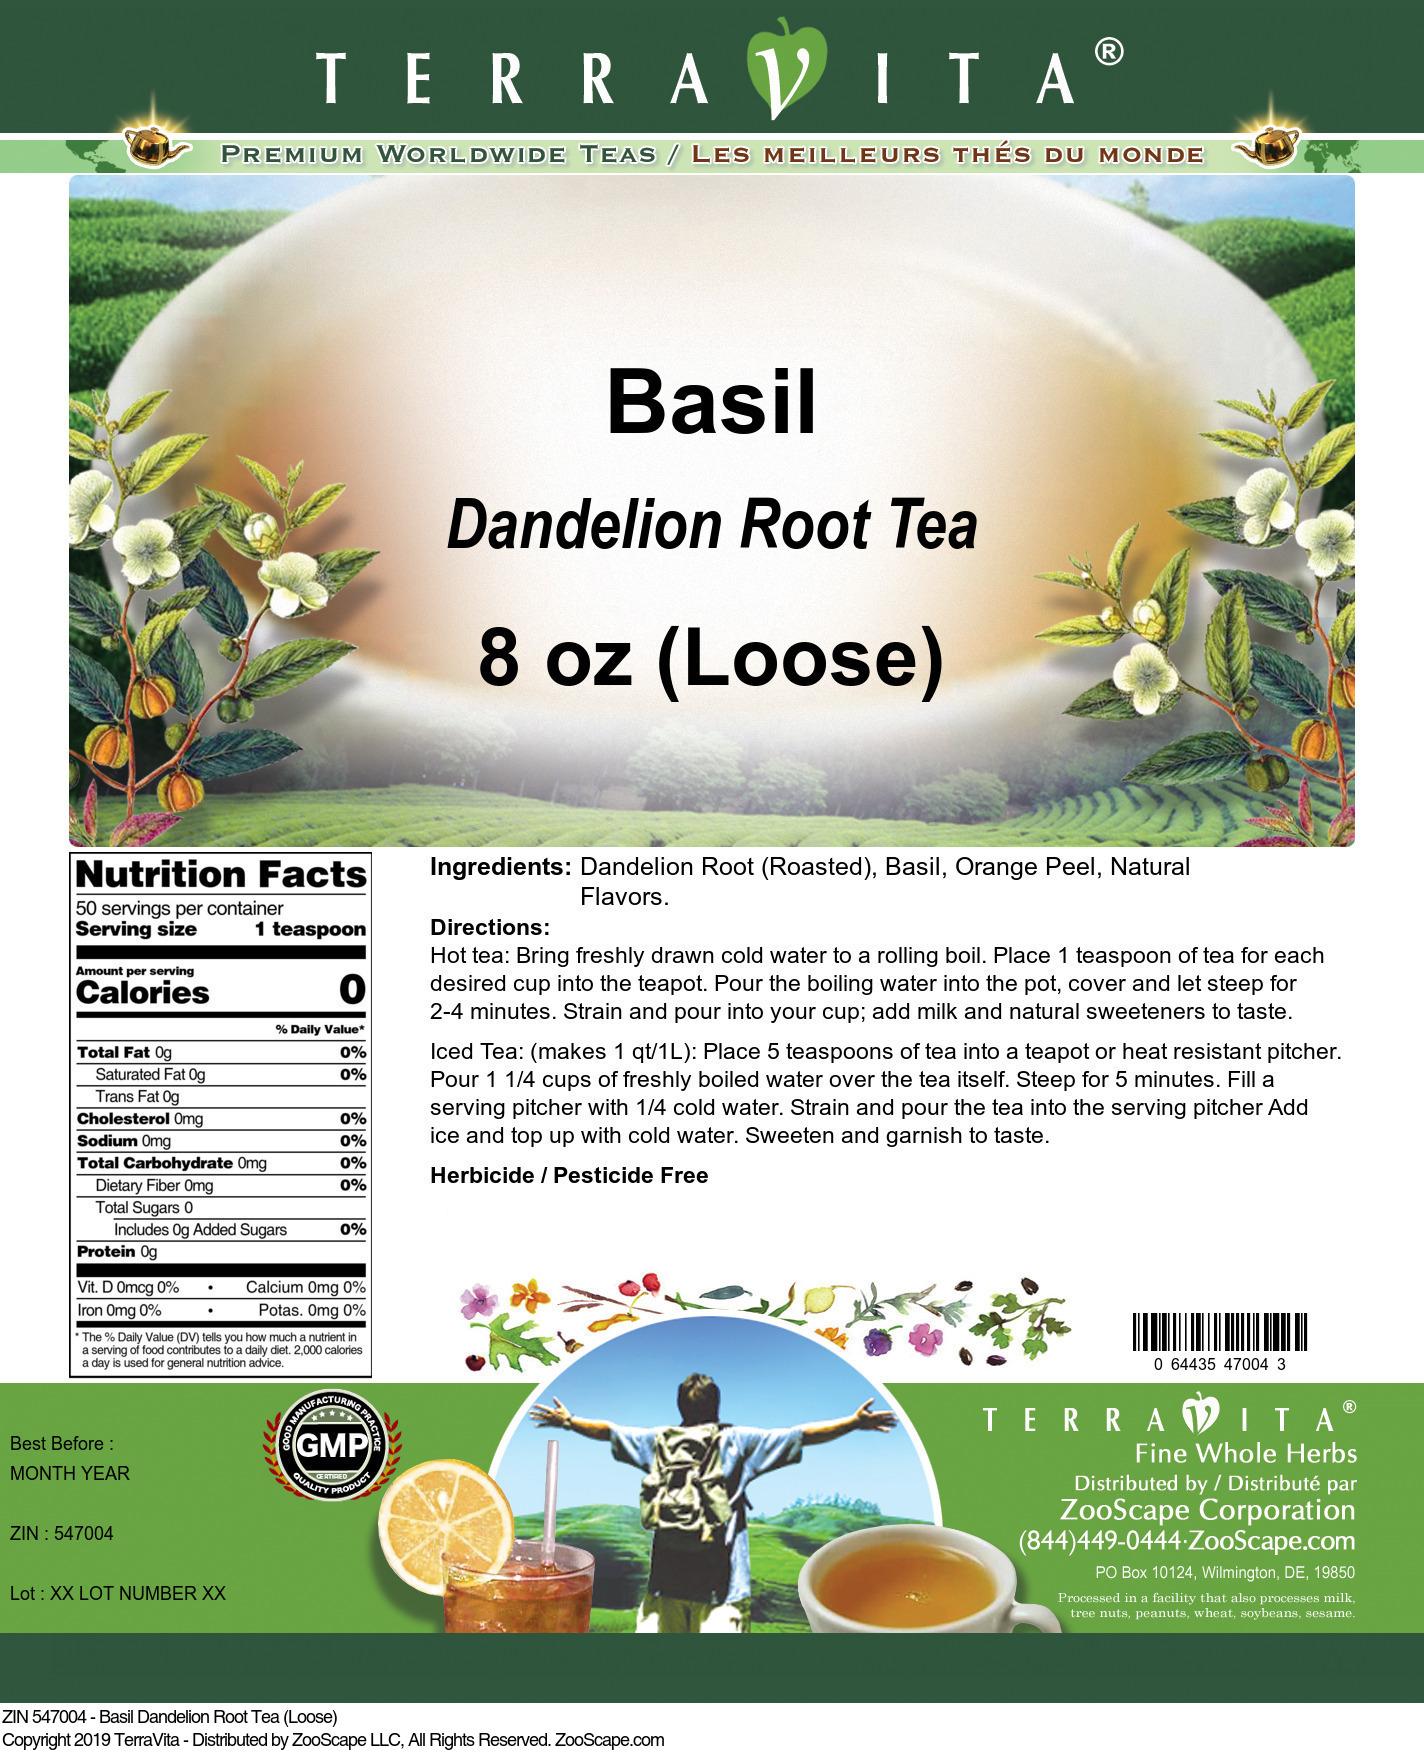 Basil Dandelion Root